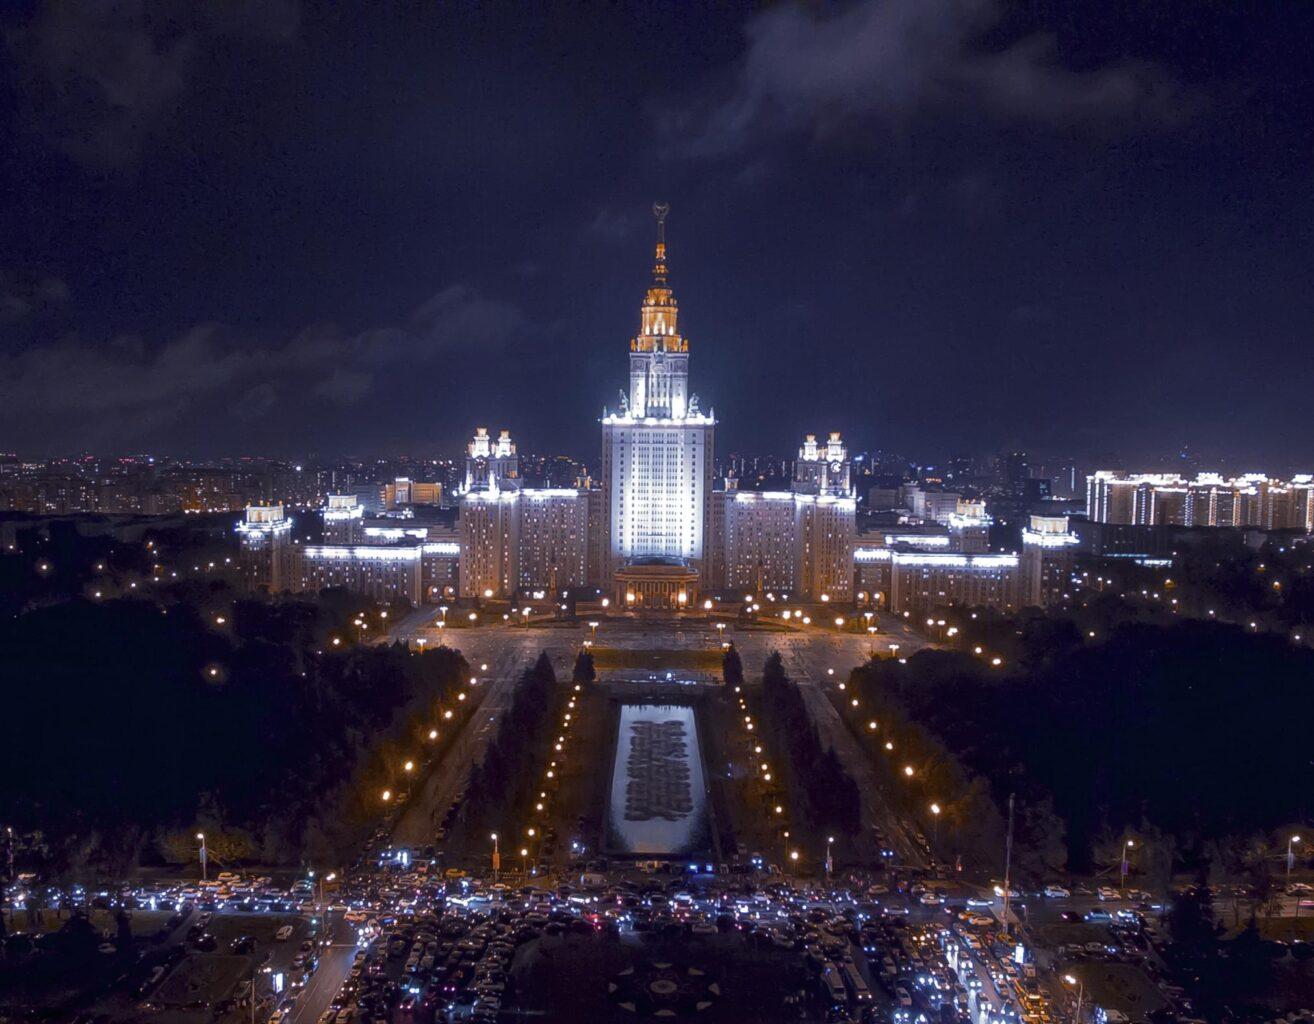 """МГУ ночью на вертолетномтуре от Экскурсионного бюро """"Captour"""""""